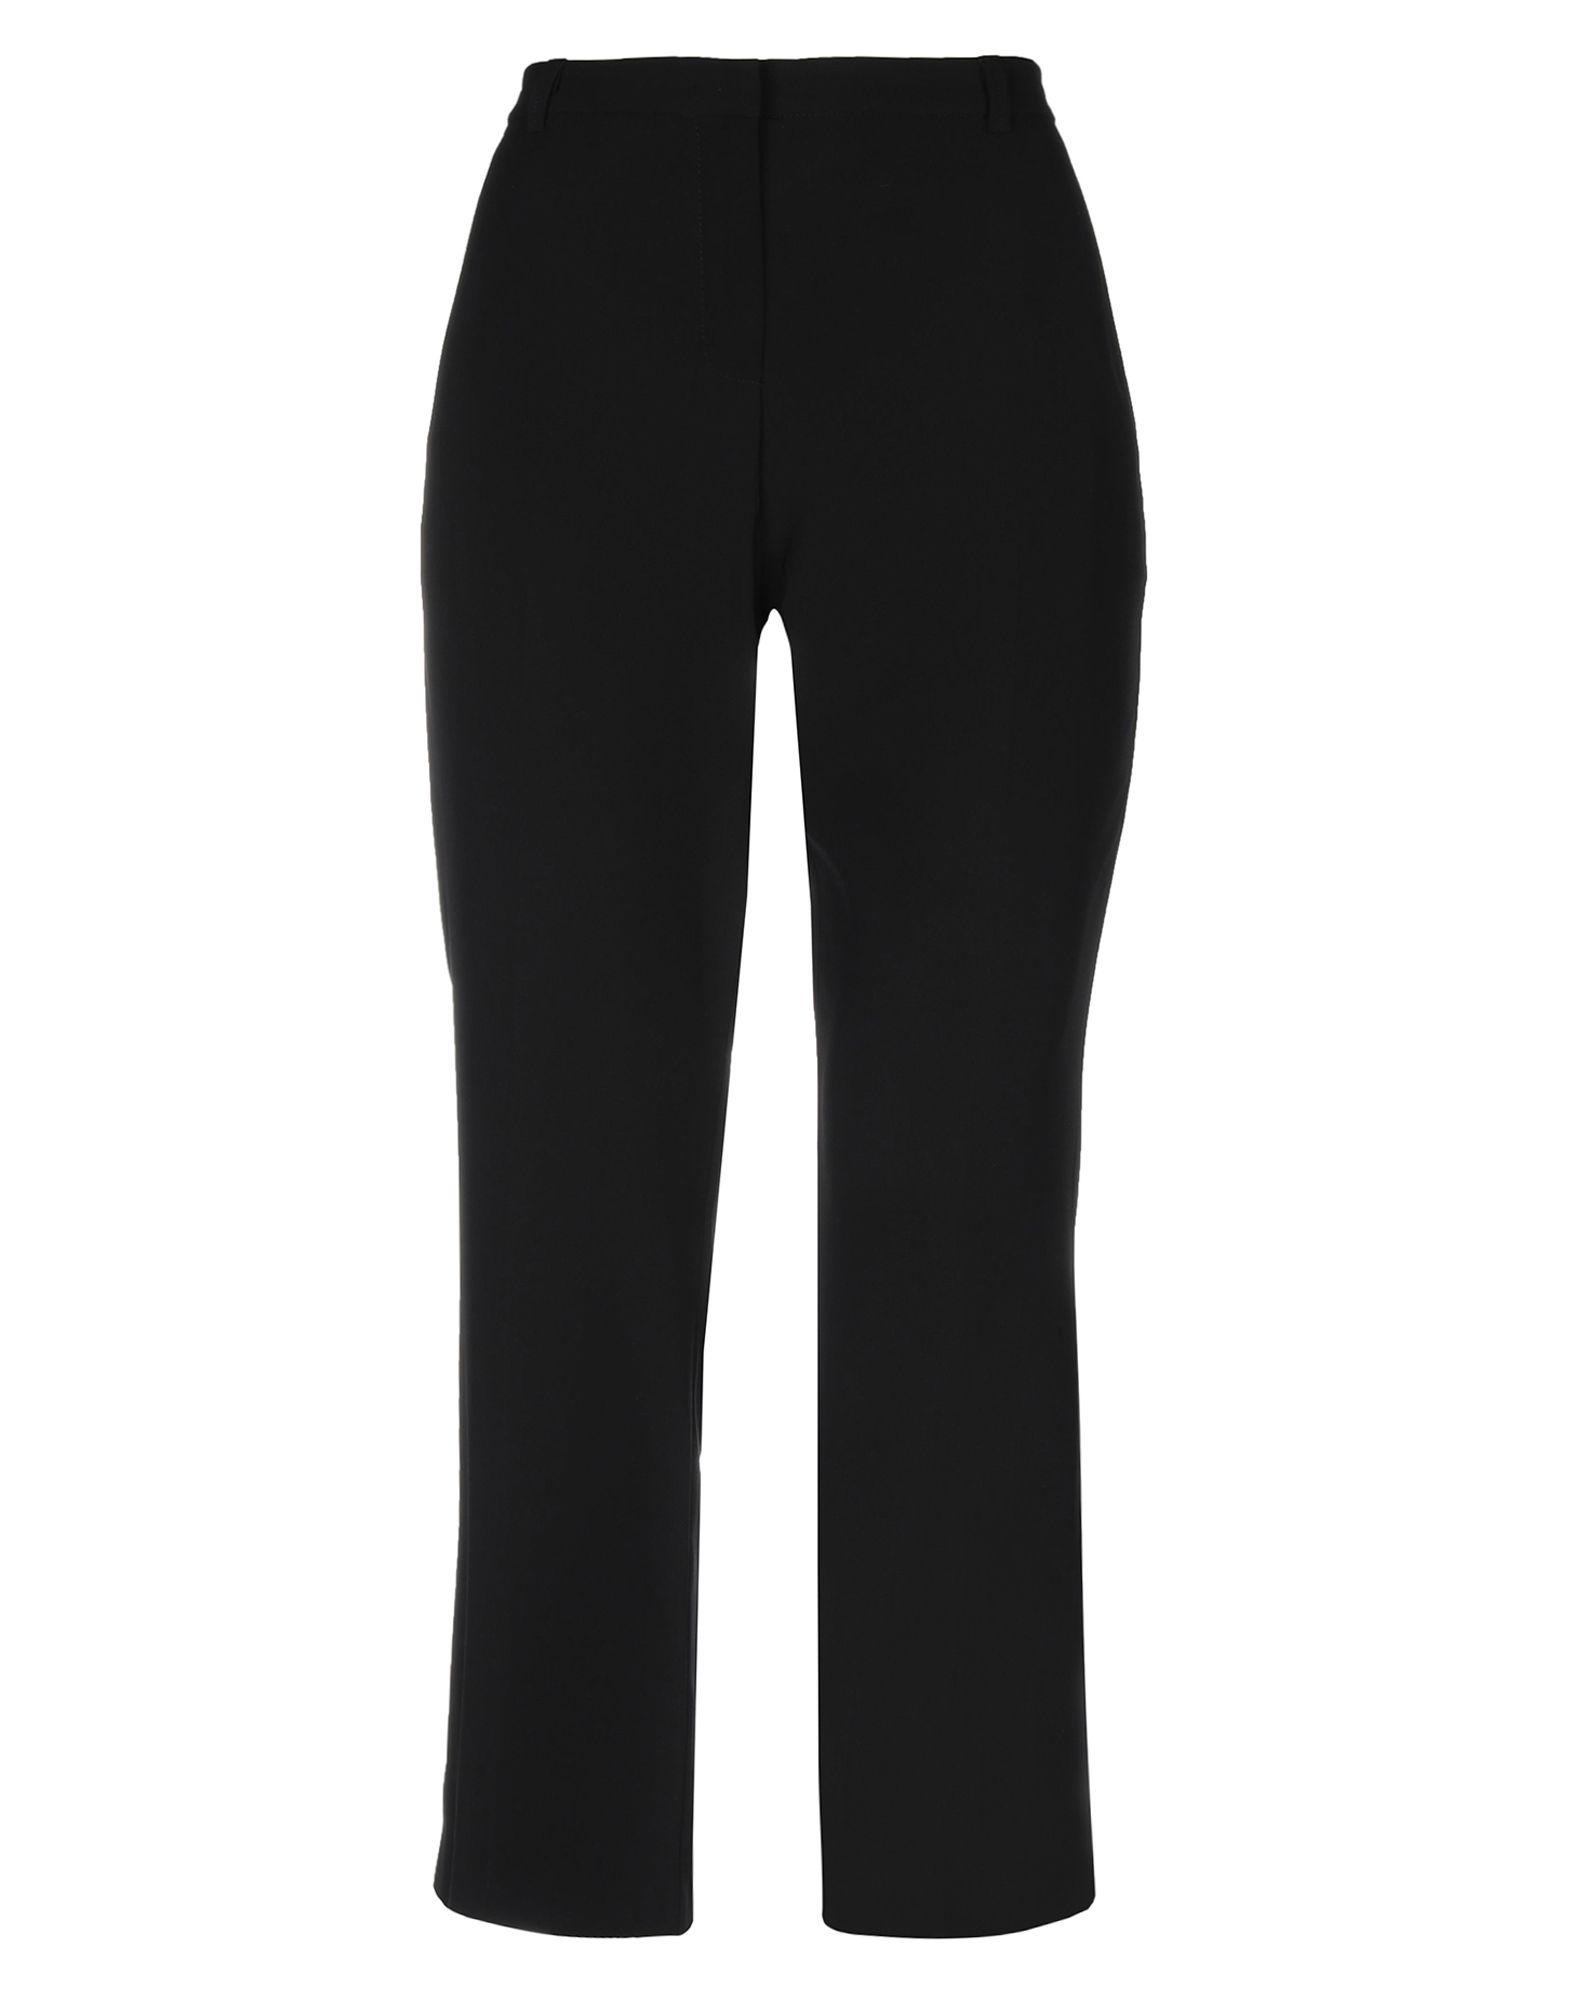 Pantalone ..,Merci donna donna donna - 13242611EU c4d